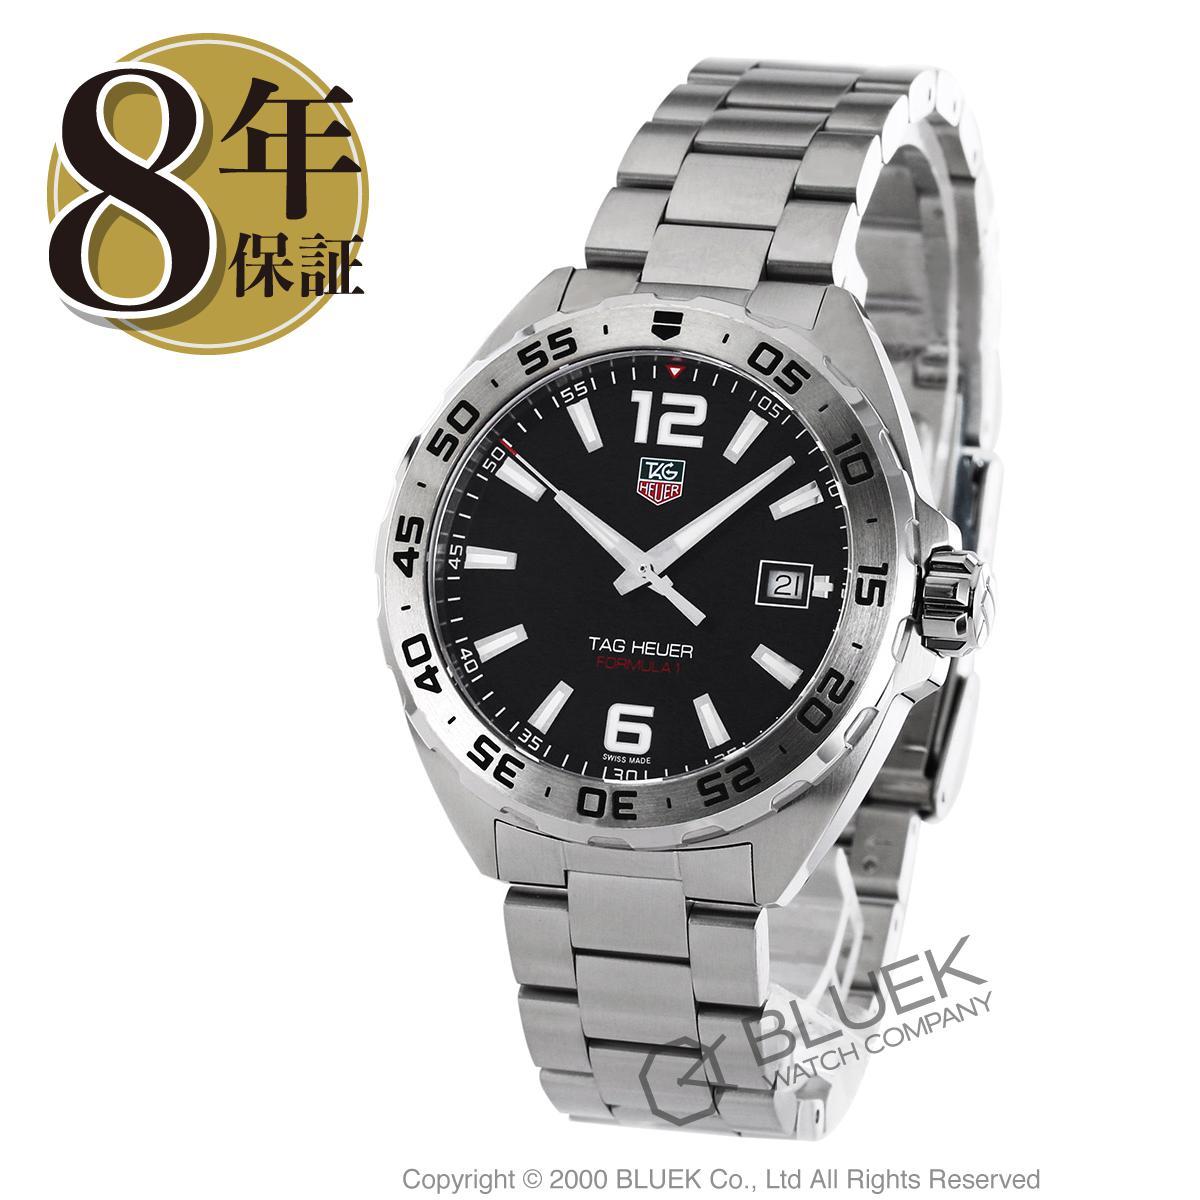 タグホイヤー フォーミュラ1 腕時計 メンズ TAG Heuer WAZ1112.BA0875_8 バーゲン ギフト プレゼント